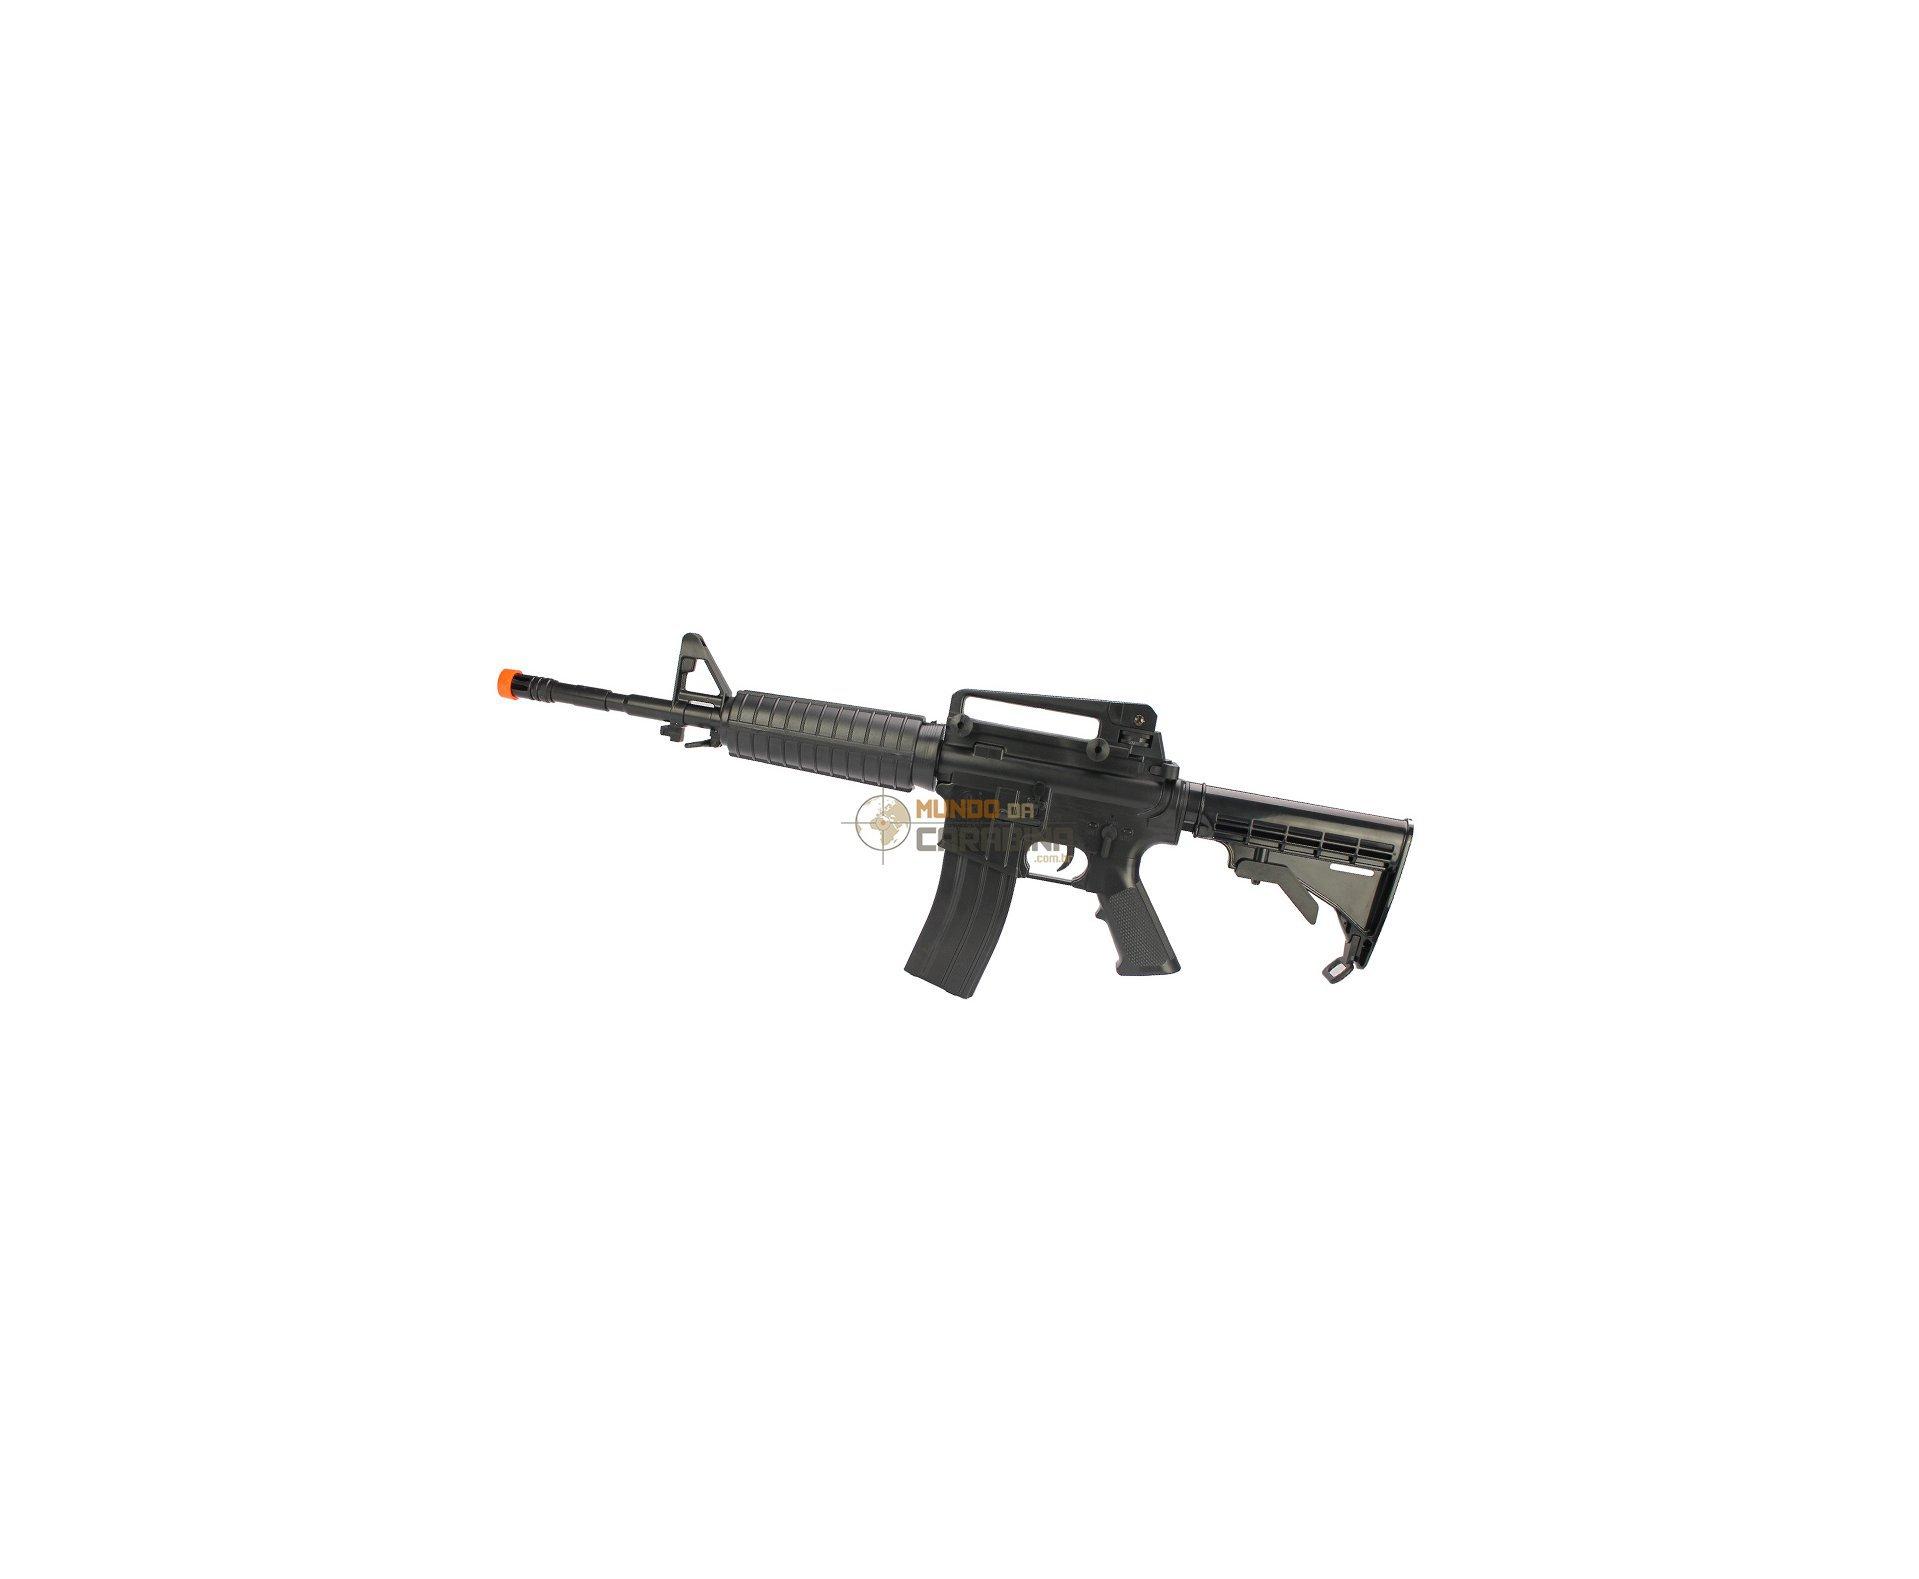 Rifle De Airsoftcolt M4 A1 Spring + Bandoleira + Capa Airsoft - Cyber Gun